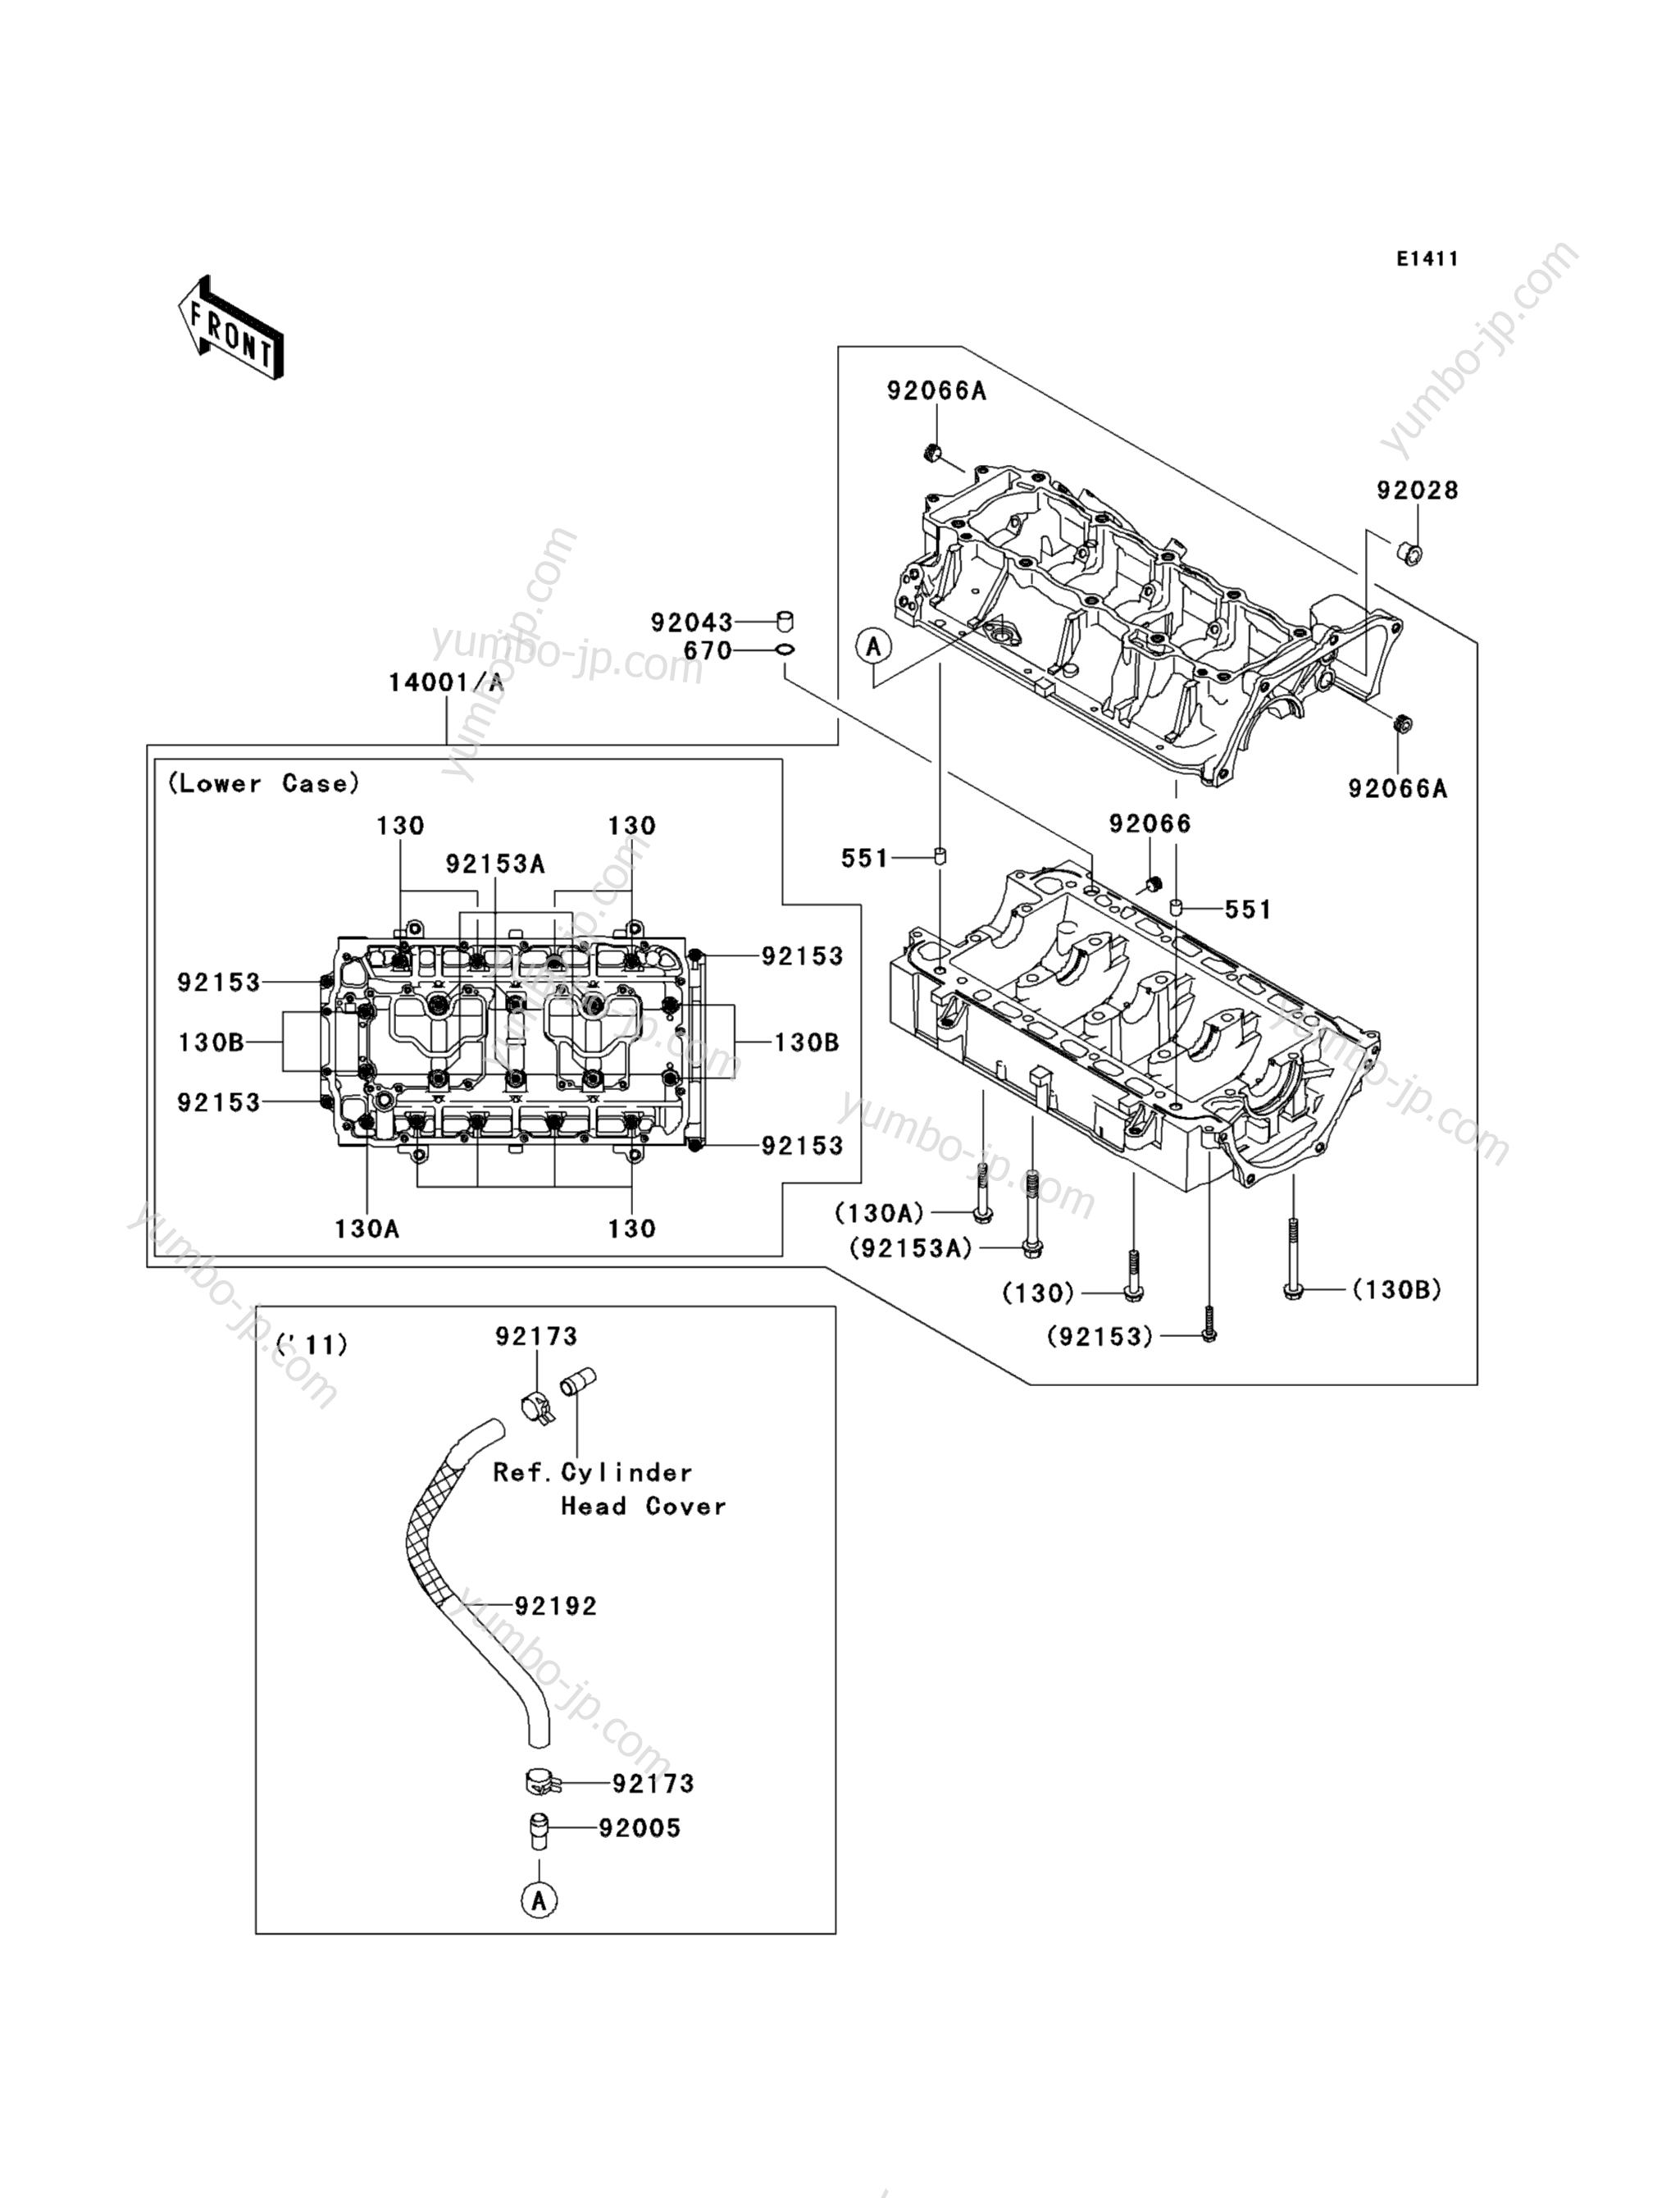 Крышка картера для гидроциклов KAWASAKI JET SKI STX-15F (JT1500ADF) 2013 г.